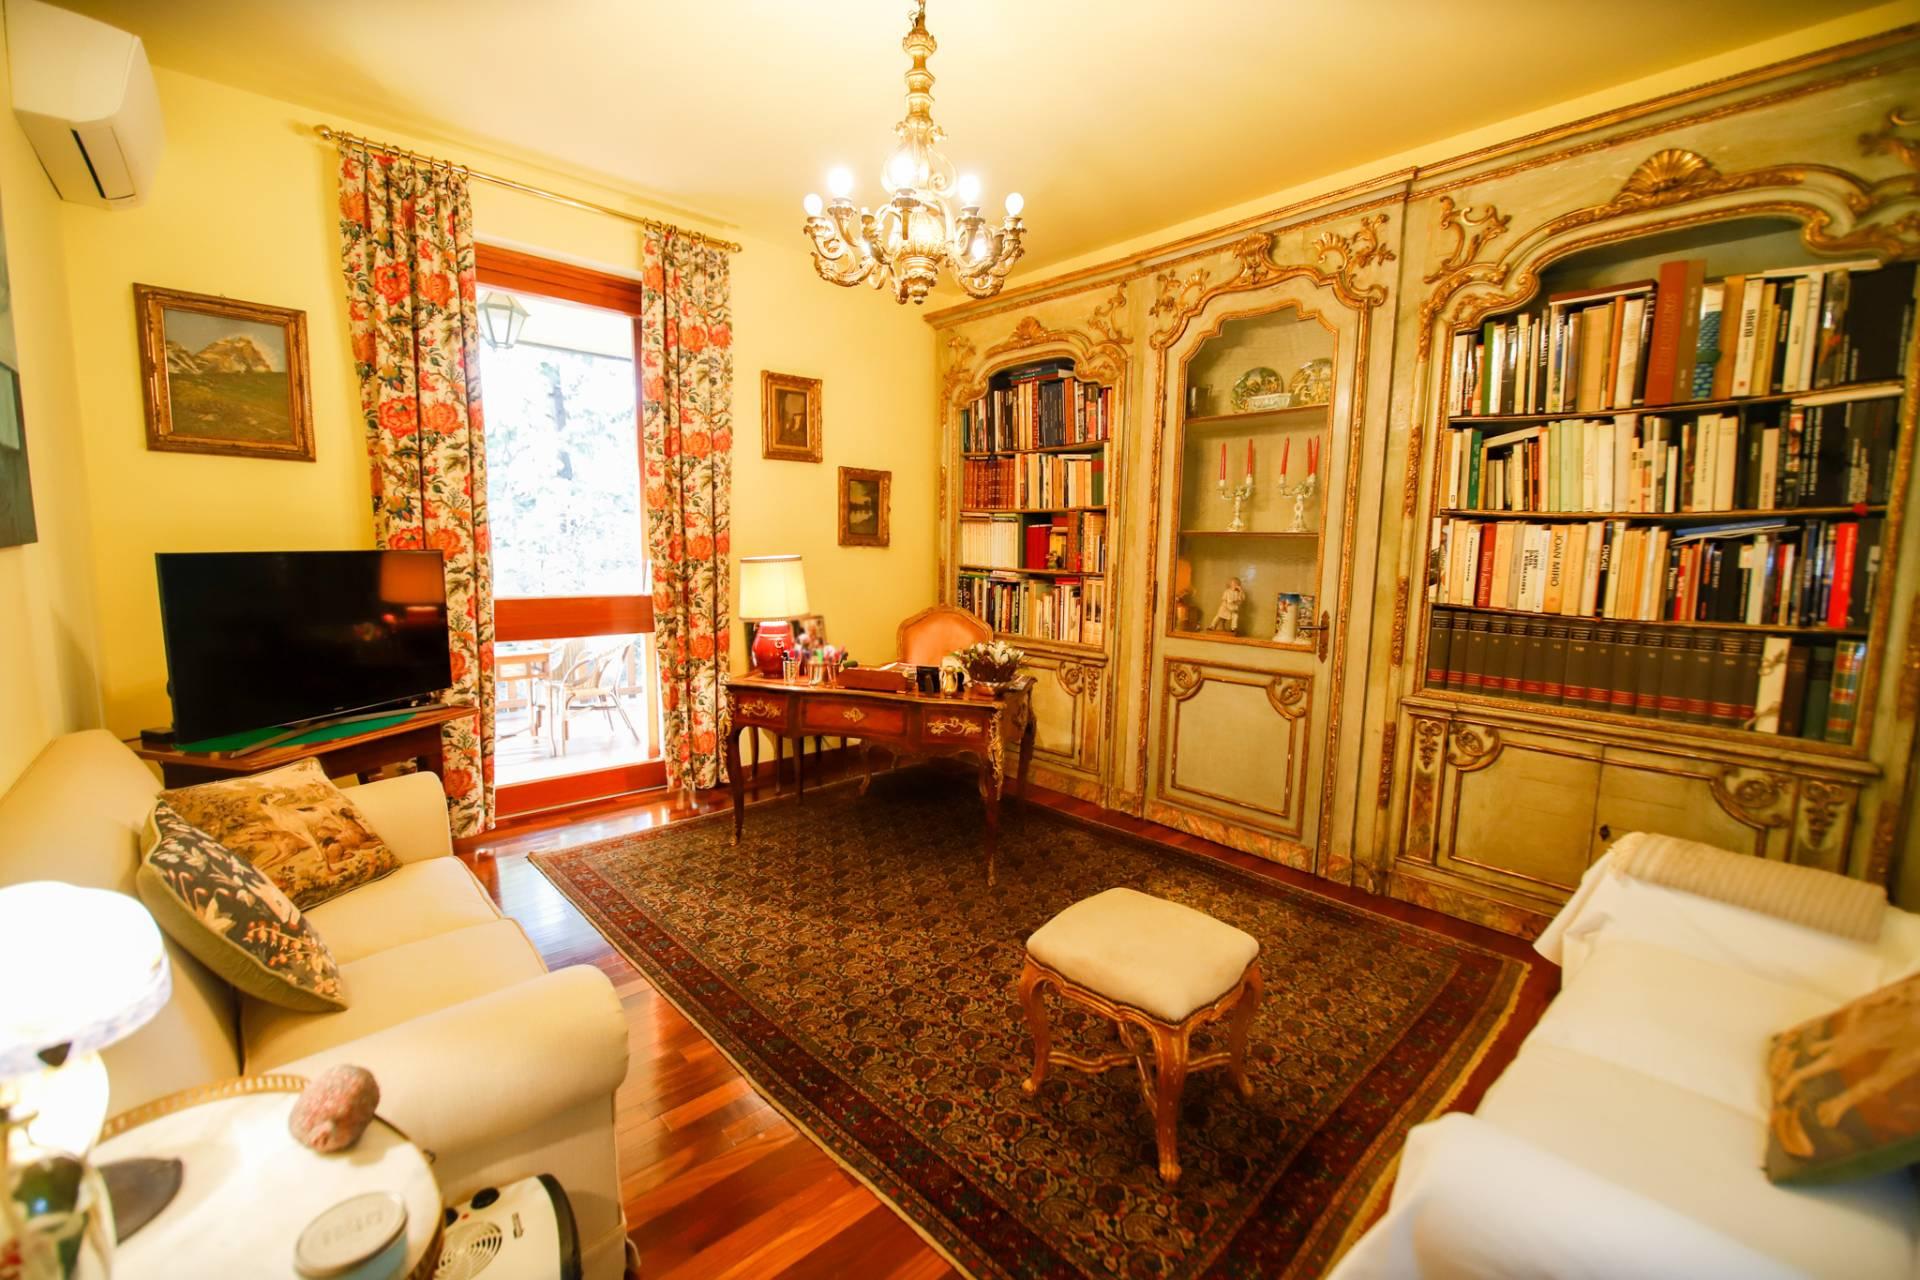 Appartamento in vendita a San Mauro Torinese, 12 locali, zona Zona: Sambuy, prezzo € 285.000 | CambioCasa.it